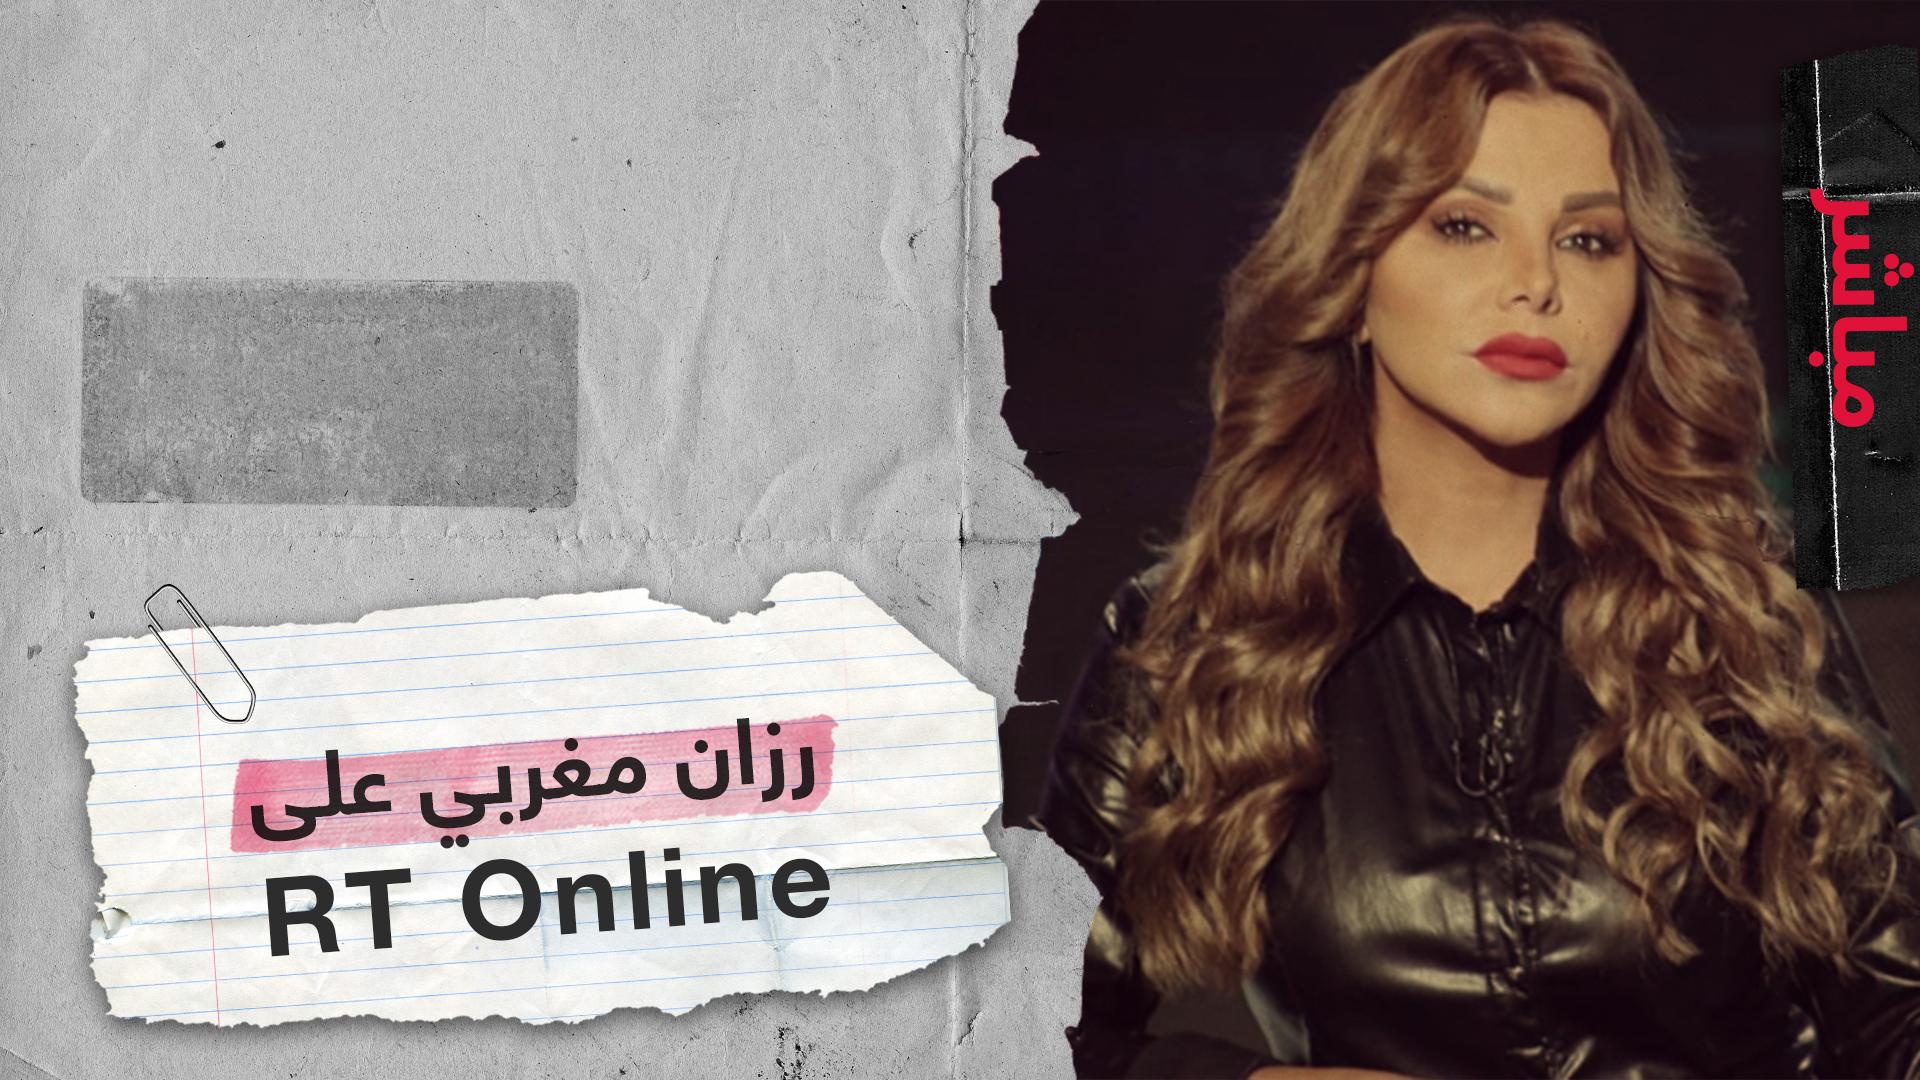 لقاء خاص مع الفنانة اللبنانية رزان مغربي